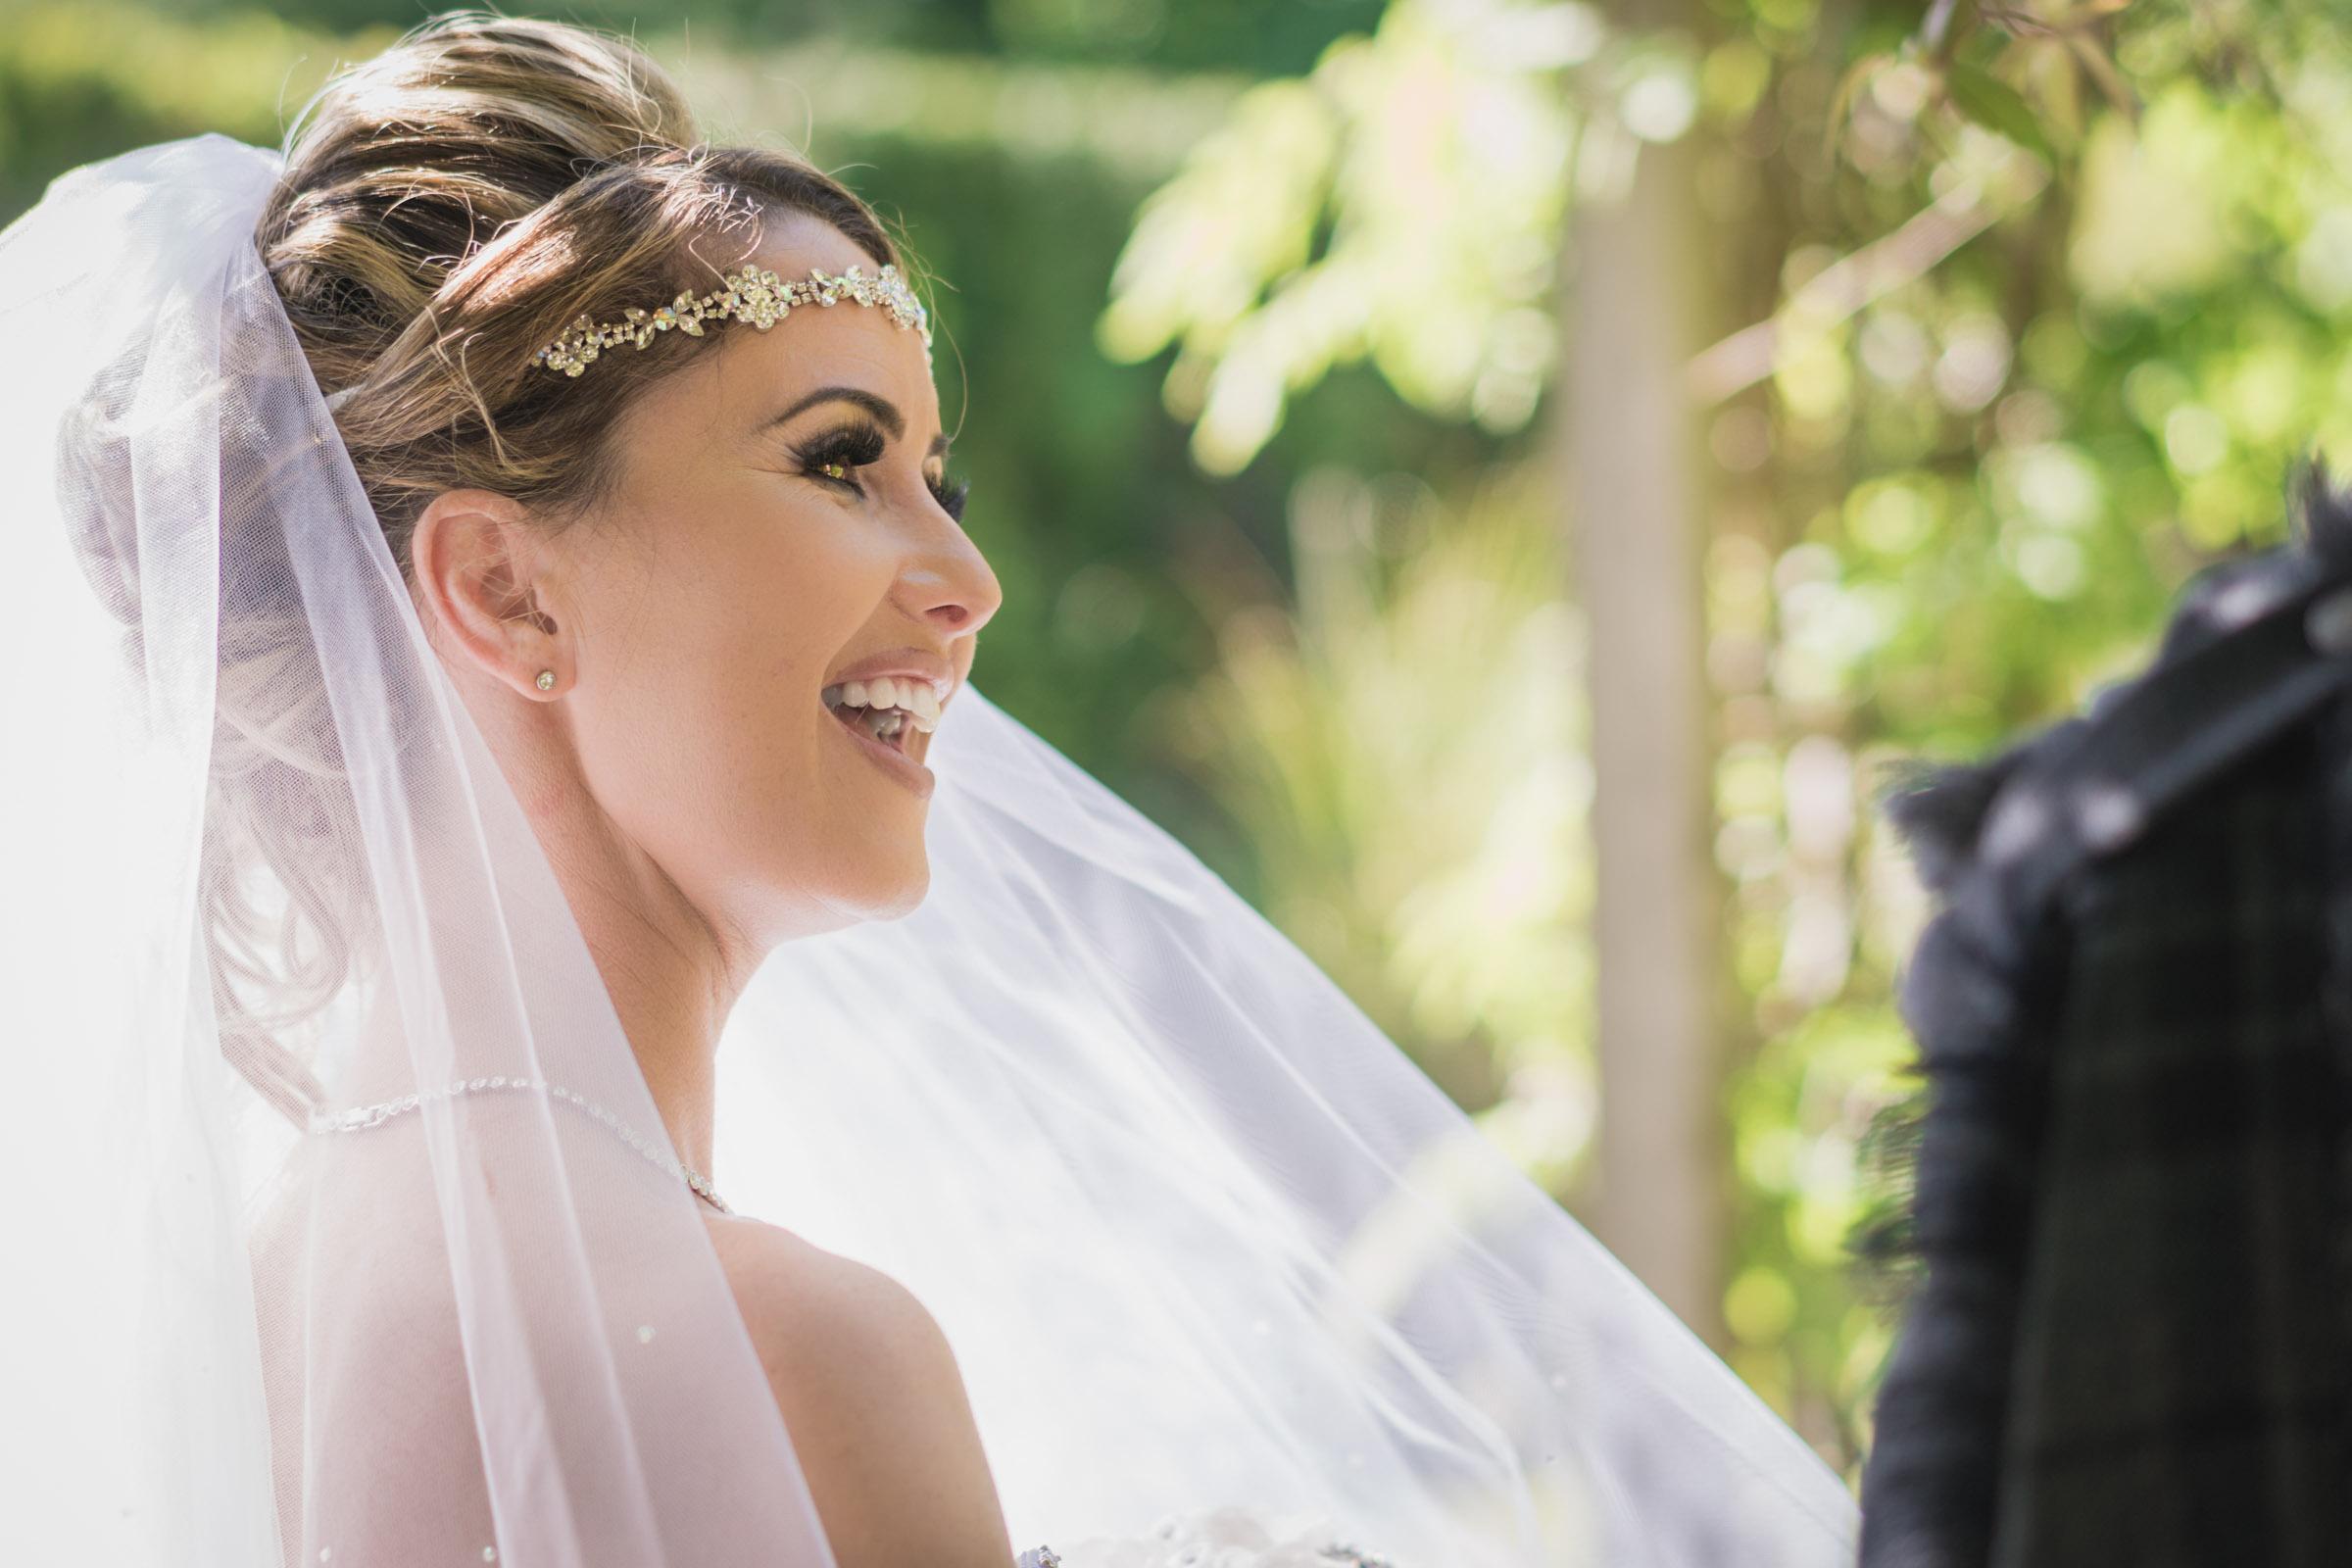 dalmeny-park-glasgow-wedding-dearlyphotography (13 of 16).jpg